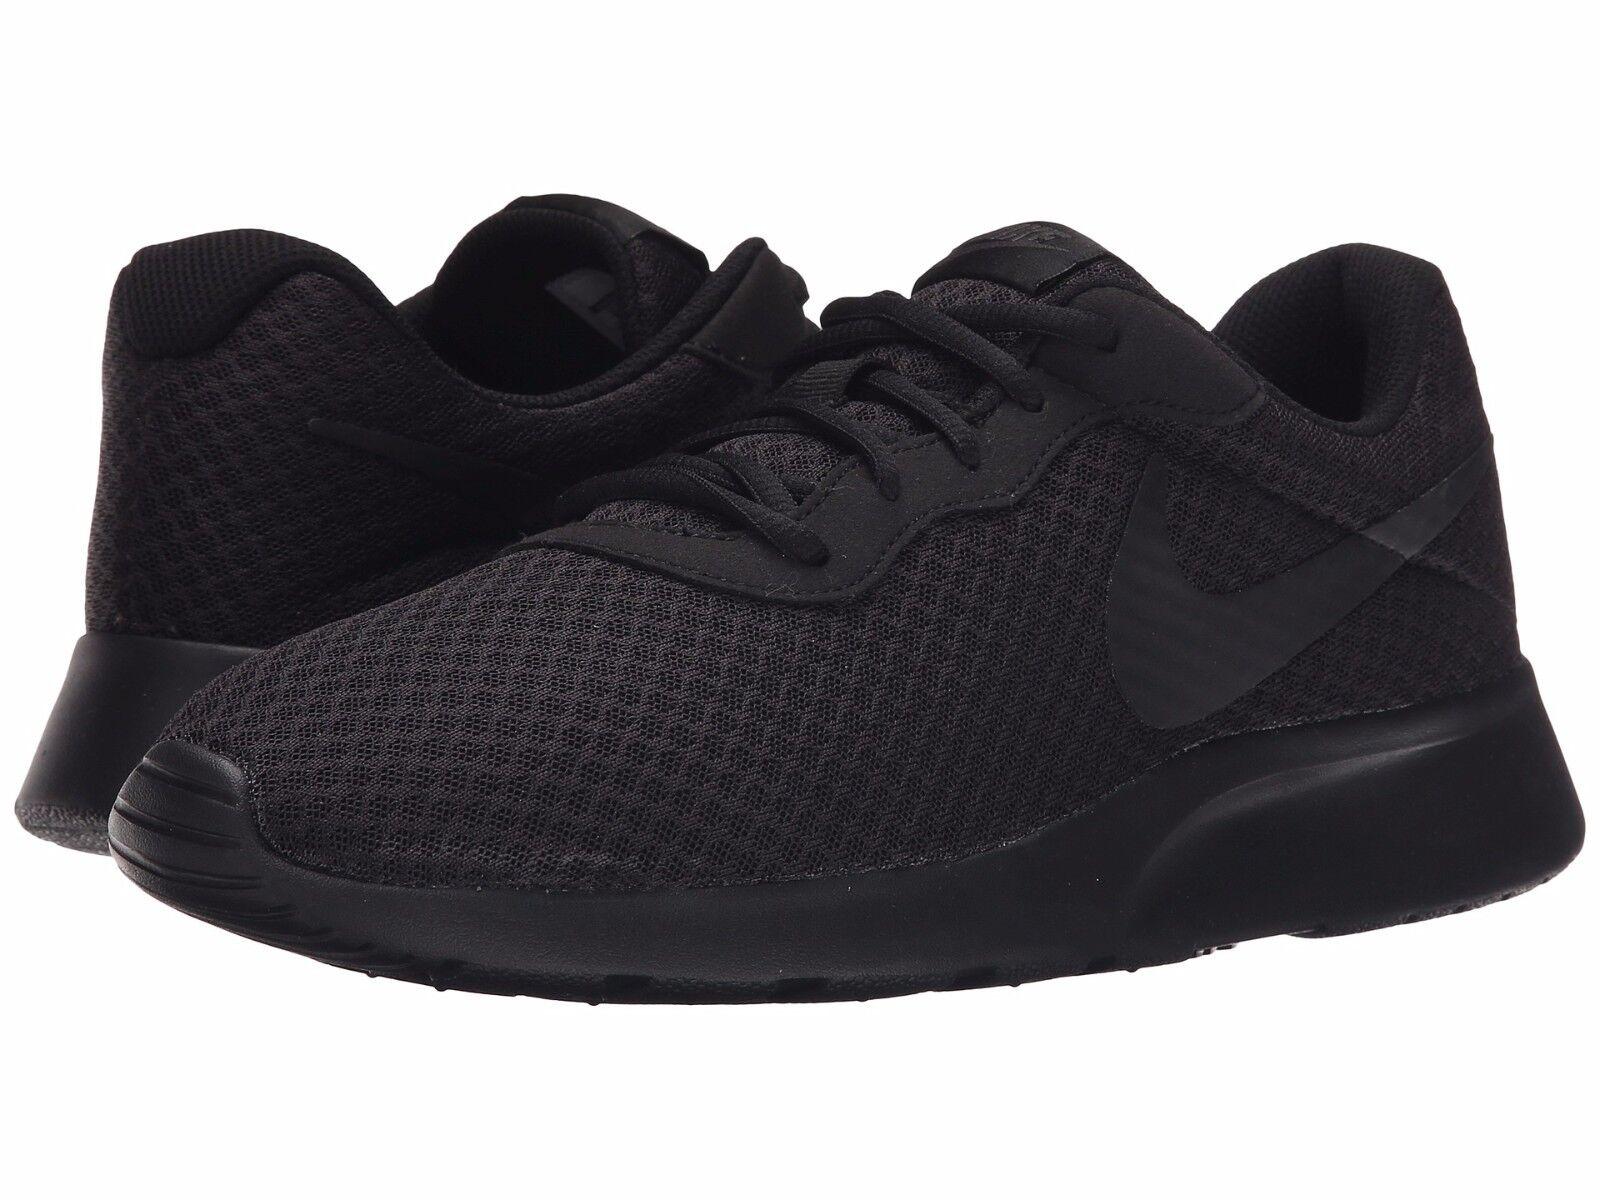 e0231853bc85 NIB Men s Men s Men s NIKE Tanjun Running Athletic shoes Sneakers Kaishi  Rosche Black Black a94515 ...